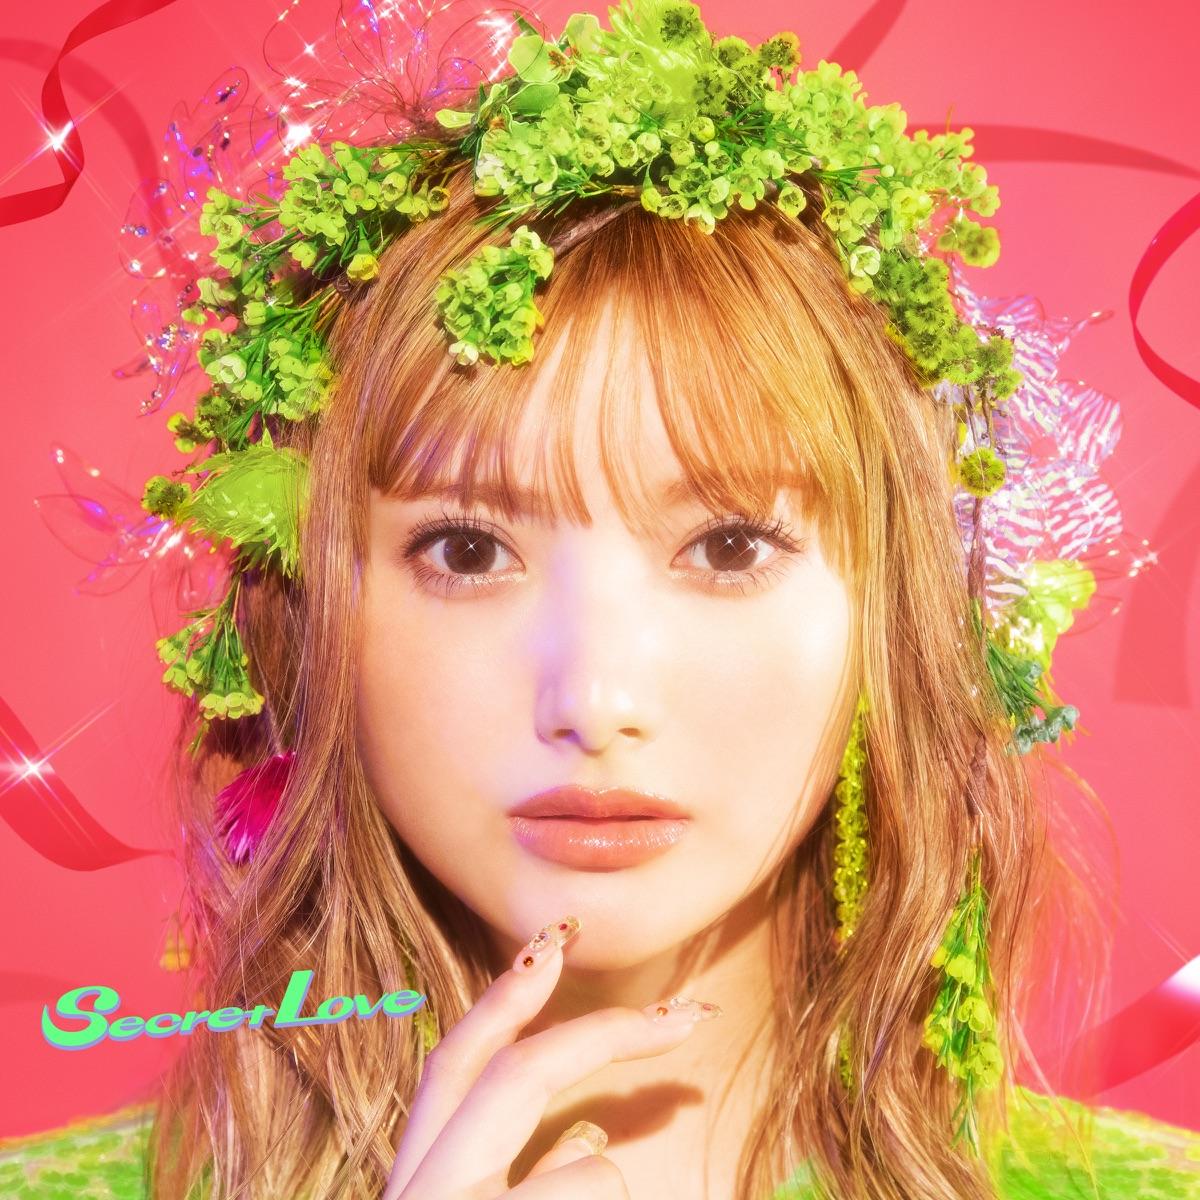 『安斉かれん - Secret Love 歌詞』収録の『Secret Love』ジャケット